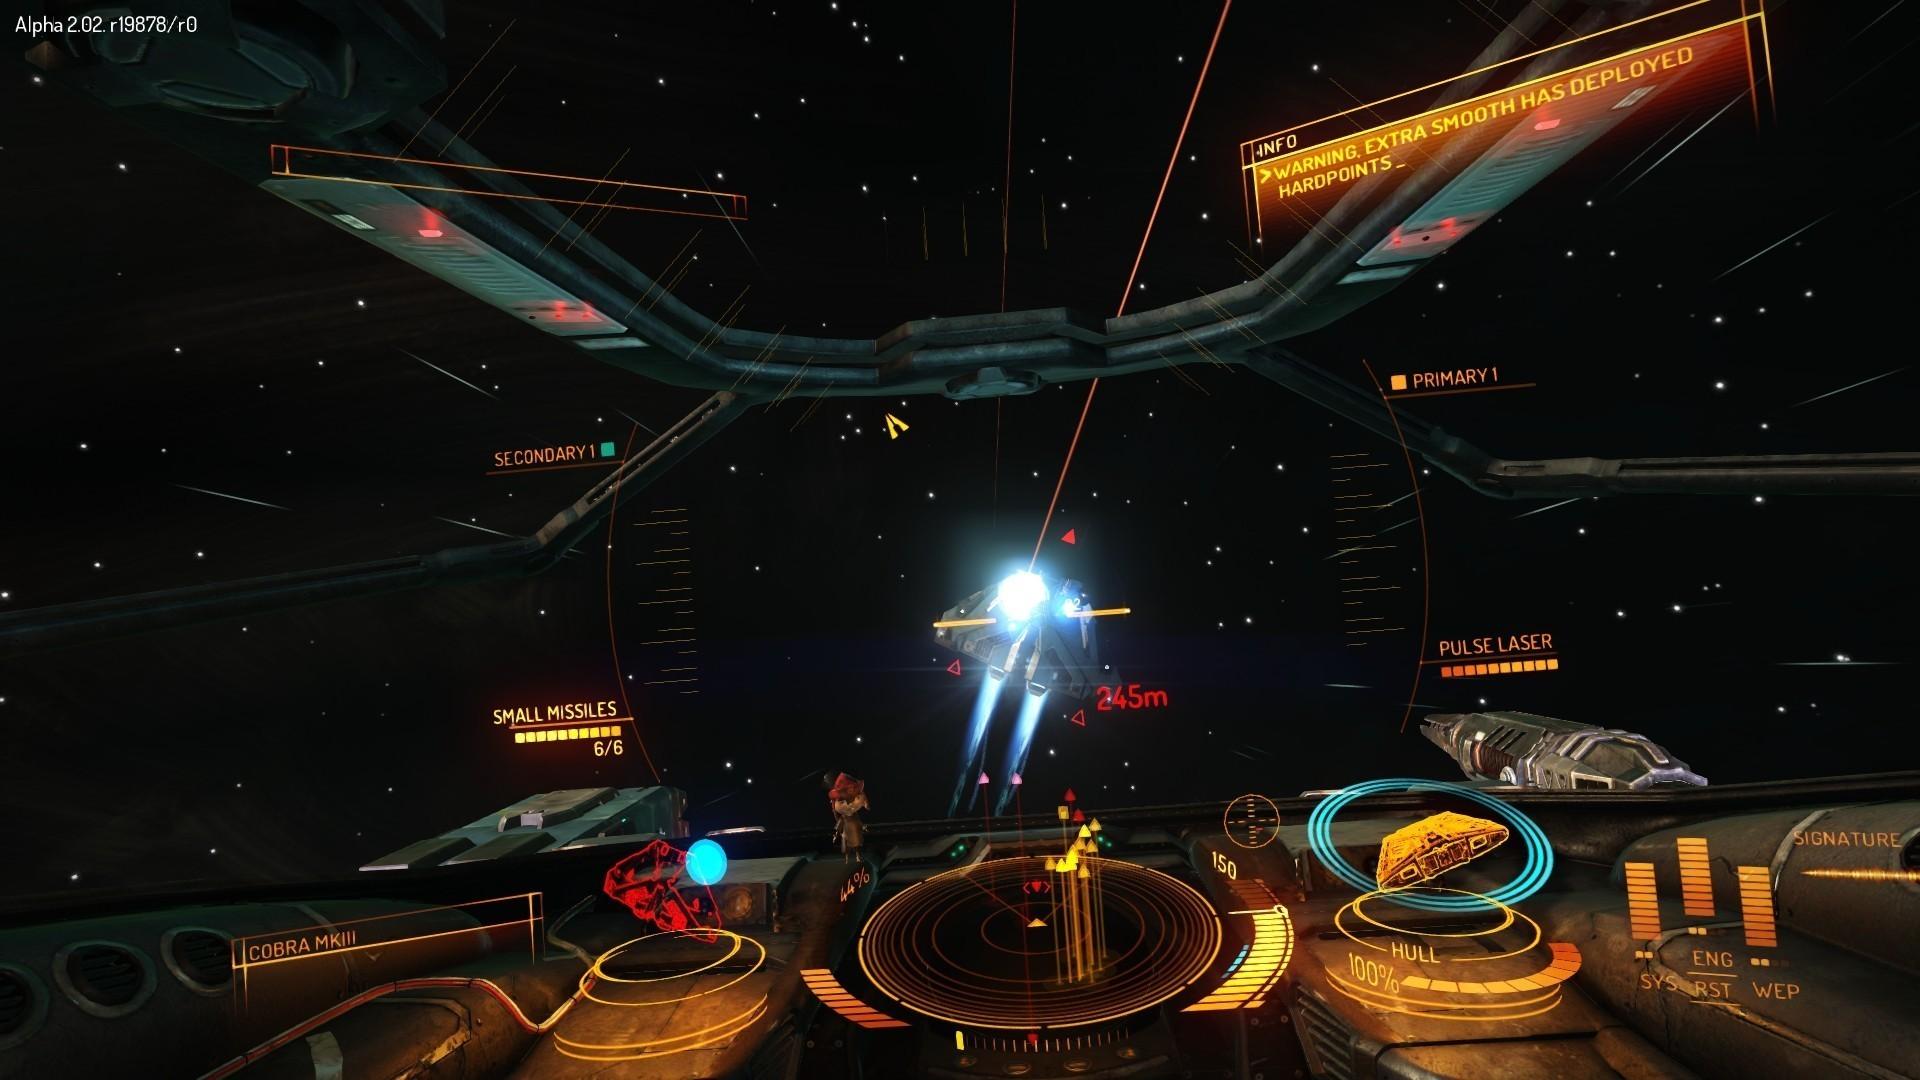 Elite Dangerous: Horizons First Content Delayed Until June